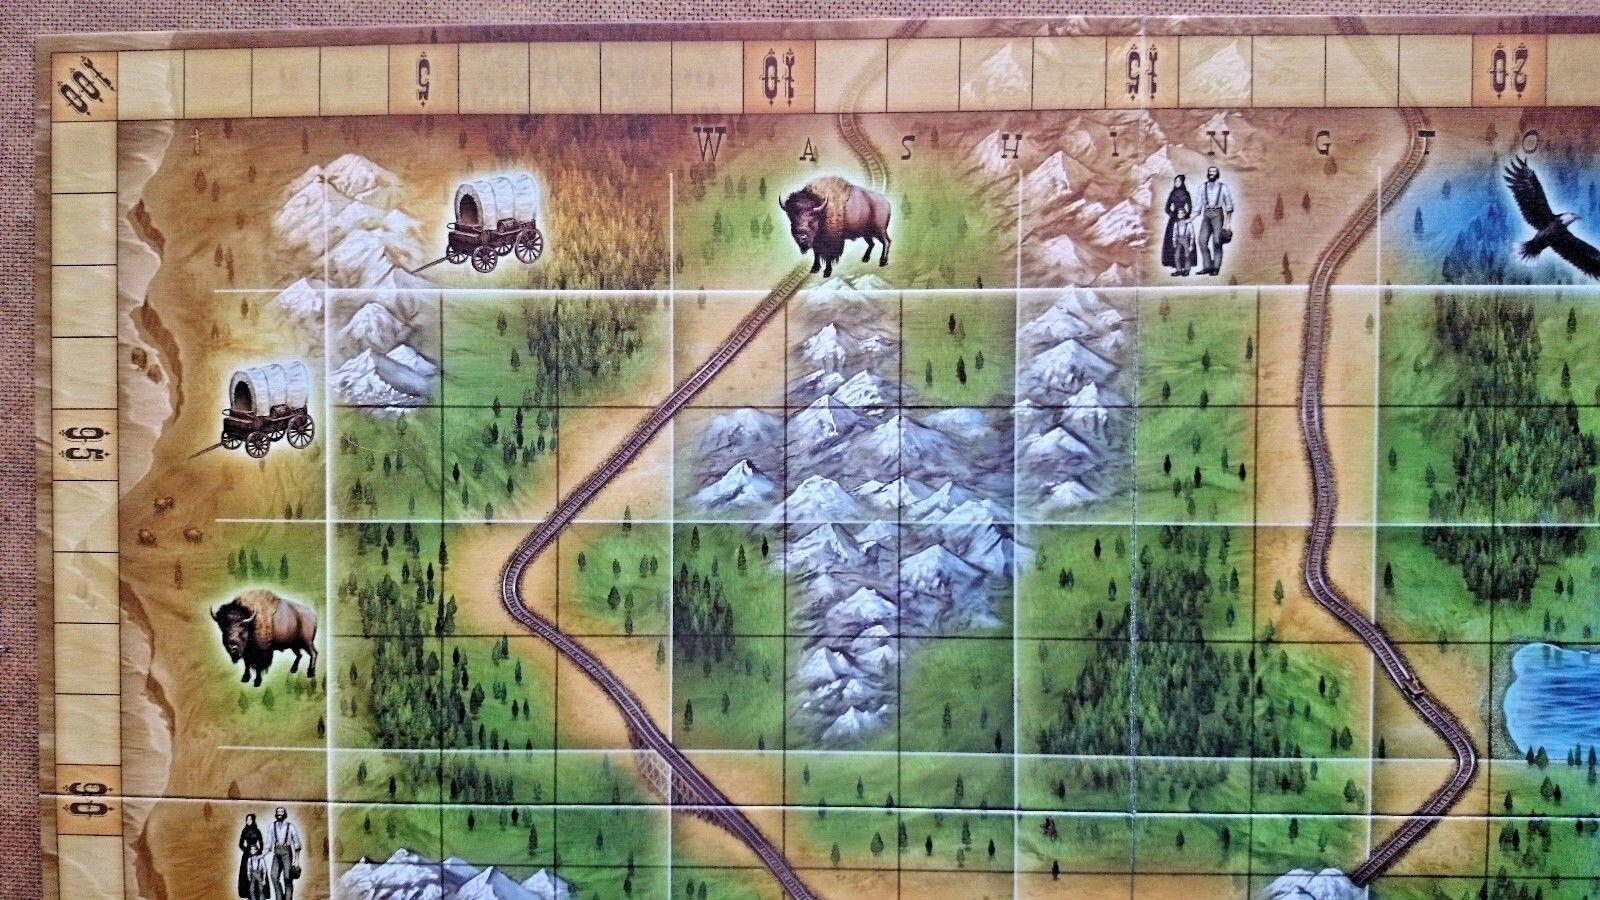 Oregon The Way the West was Won Game By Rio Rio Rio Grande Games 2007 fad524